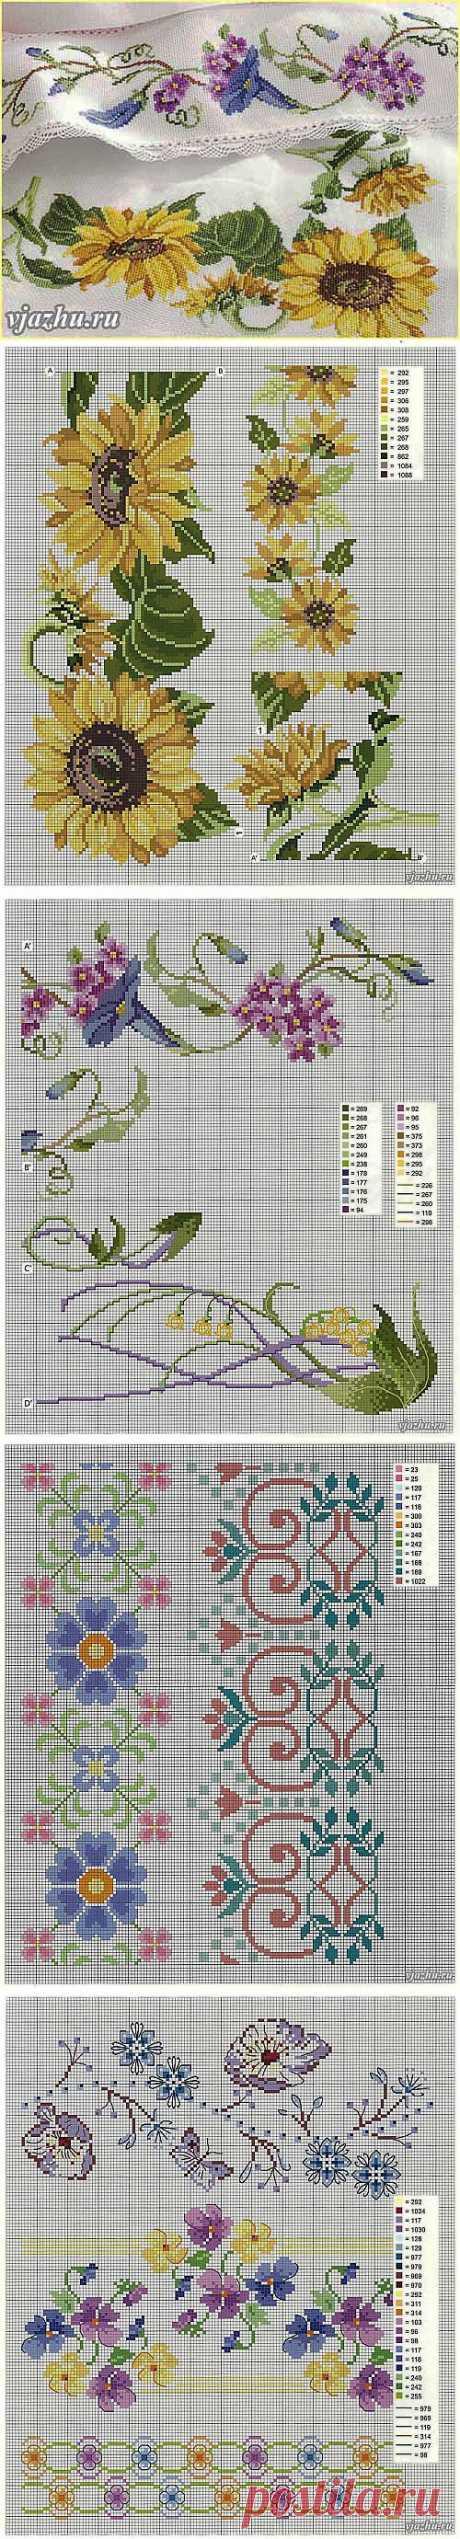 Вязание и вышивка, рукоделие - Волшебные палочки - Статьи: Вышивка бордюров крестом - схемы цветочных узоров